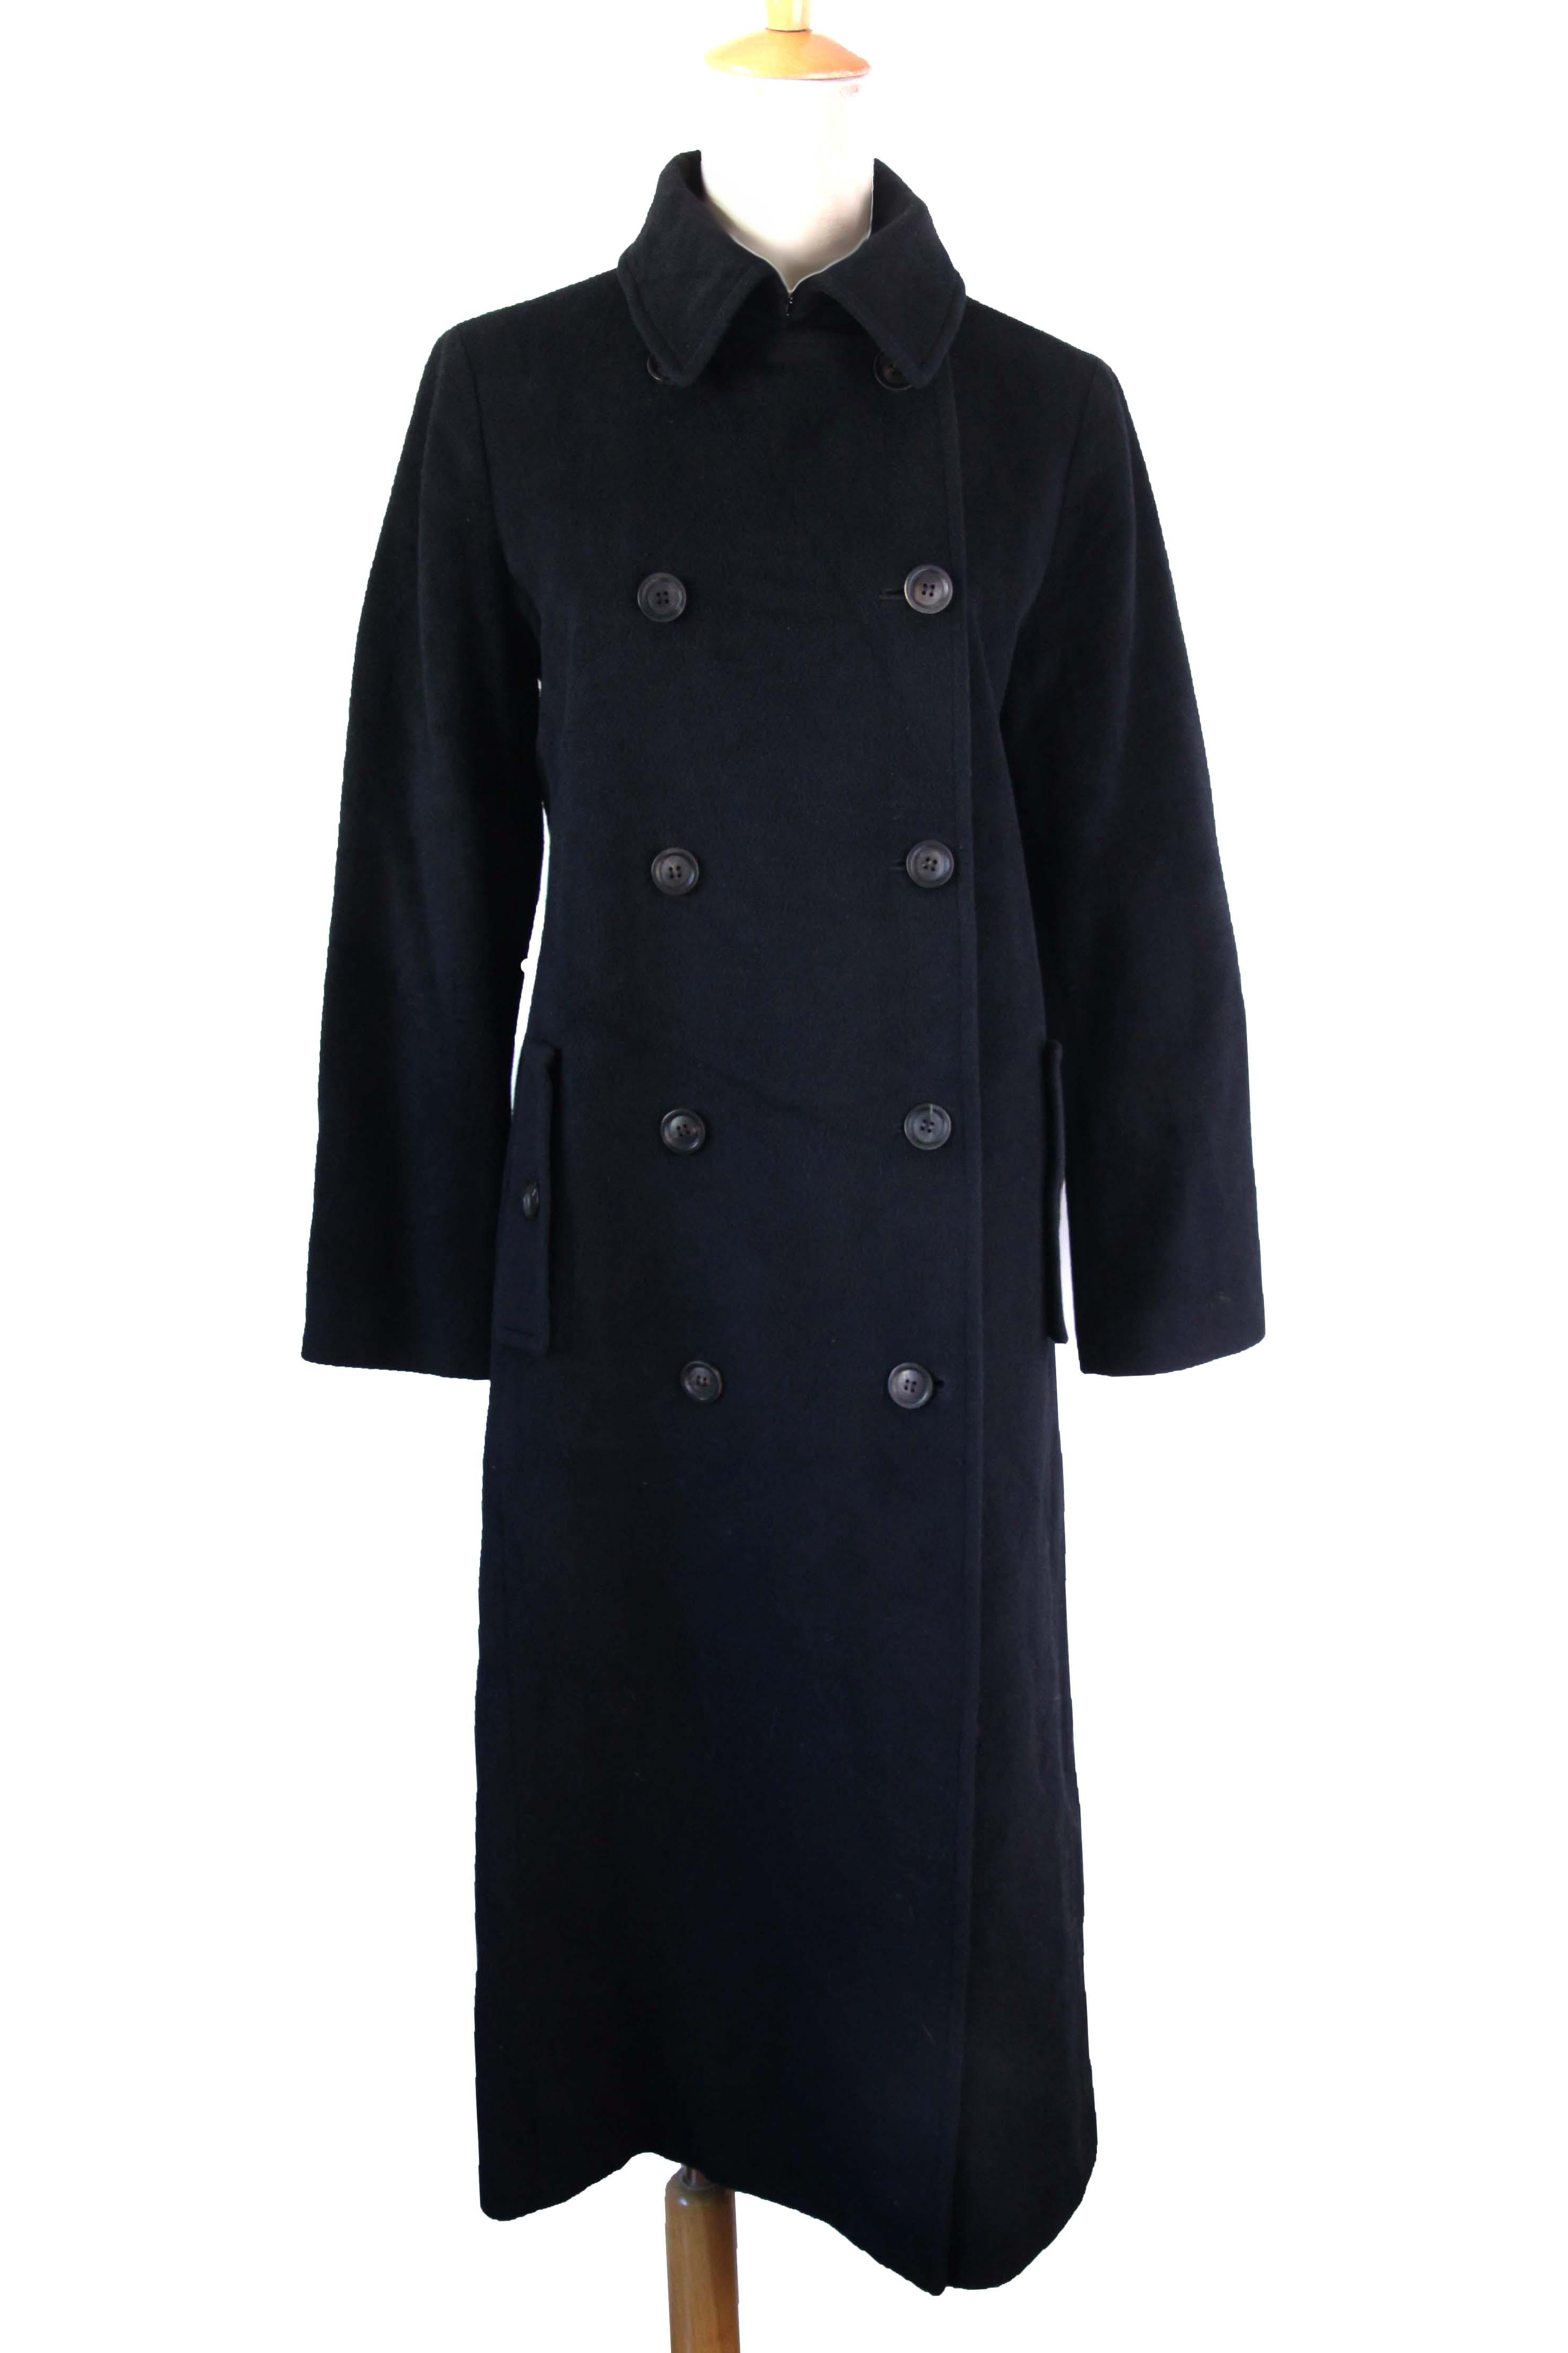 vintage古着复古 收腰气质贵牌黑色加长款羊毛呢大衣精品推荐